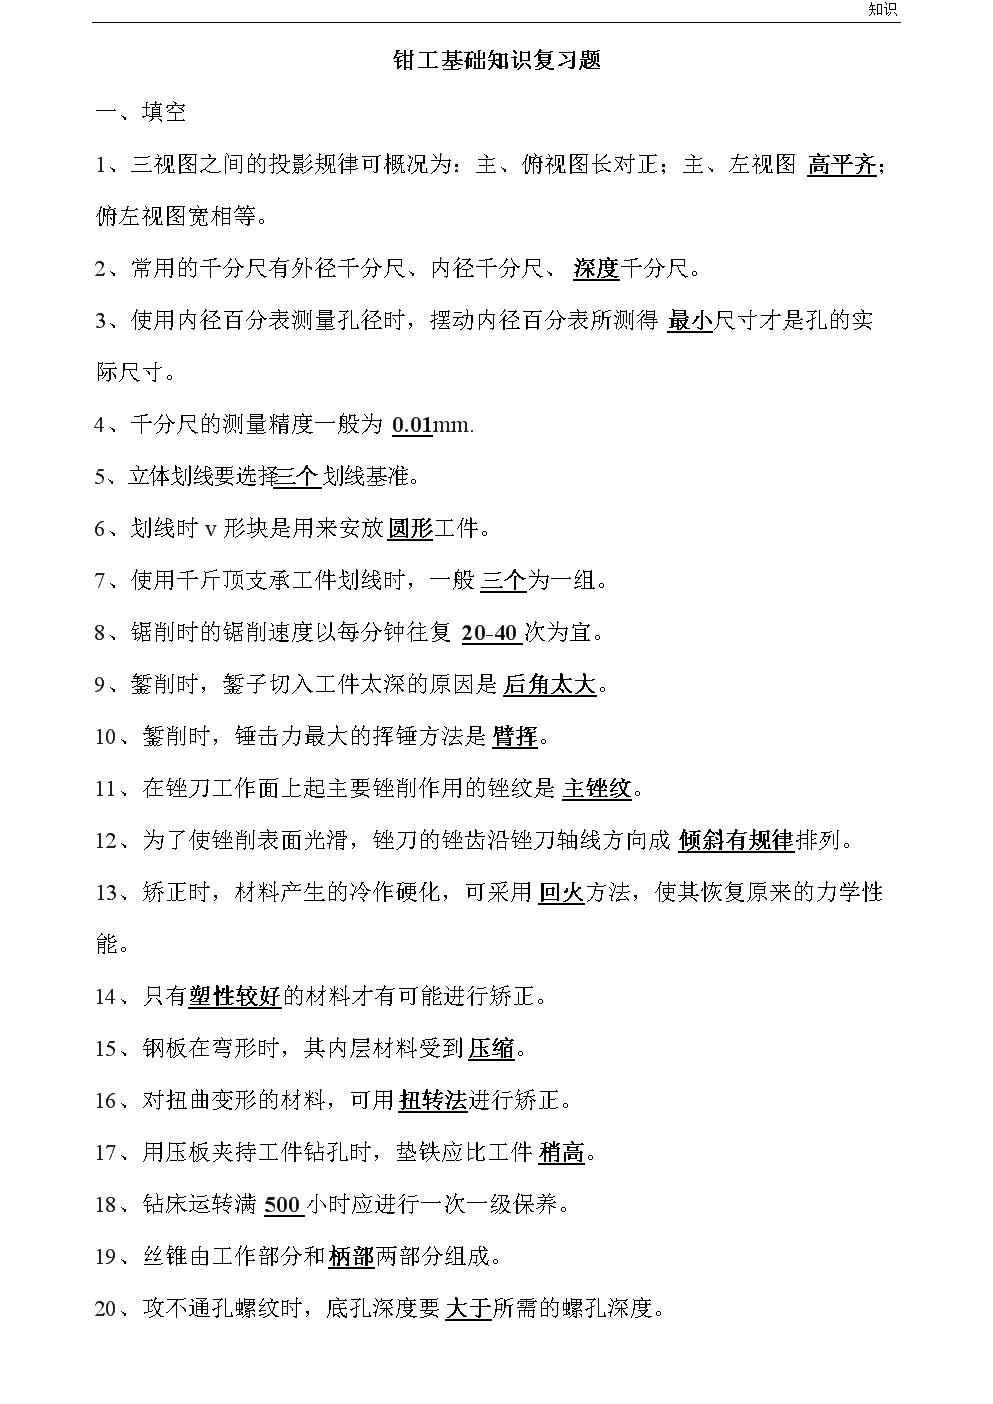 钳工复习知识点题.doc